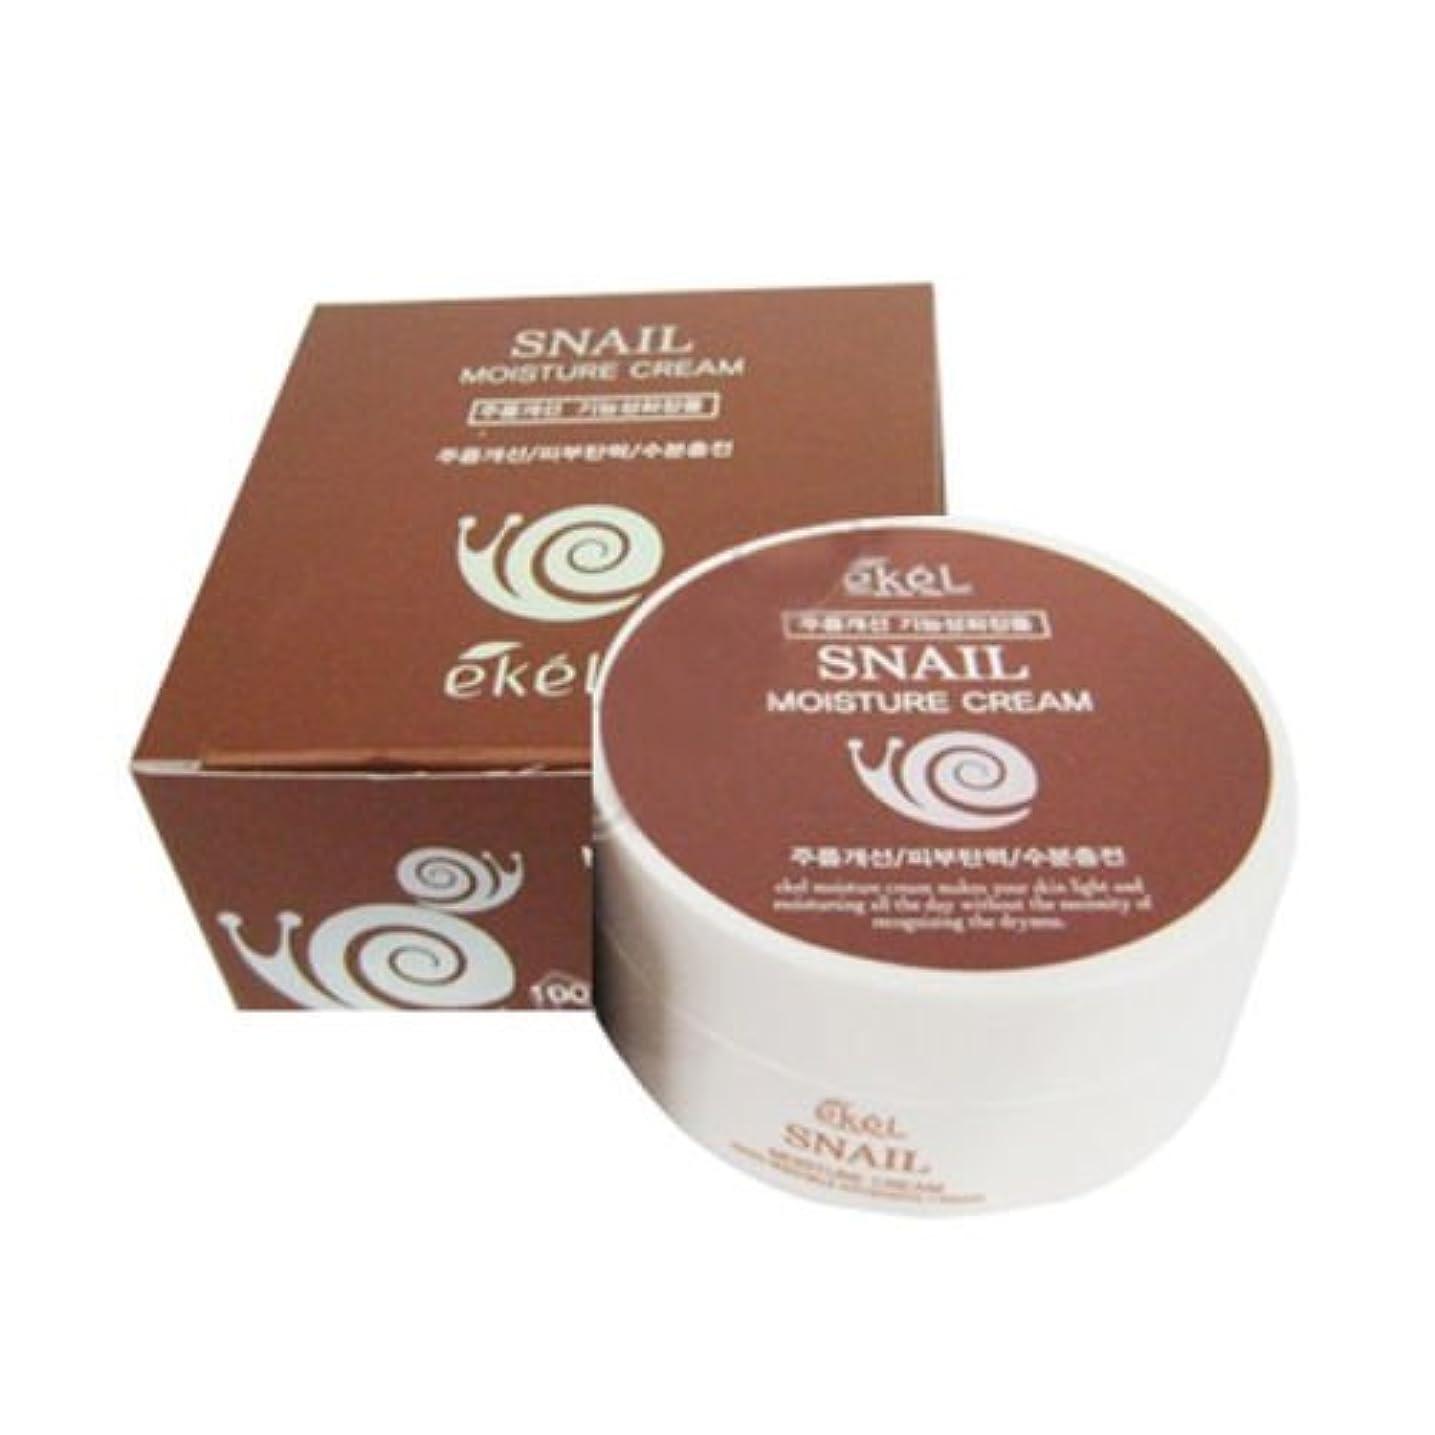 ずらすメアリアンジョーンズ採用するイケル[韓国コスメEkel]Snail Moisture Cream カタツムリモイスチャークリーム100g [並行輸入品]